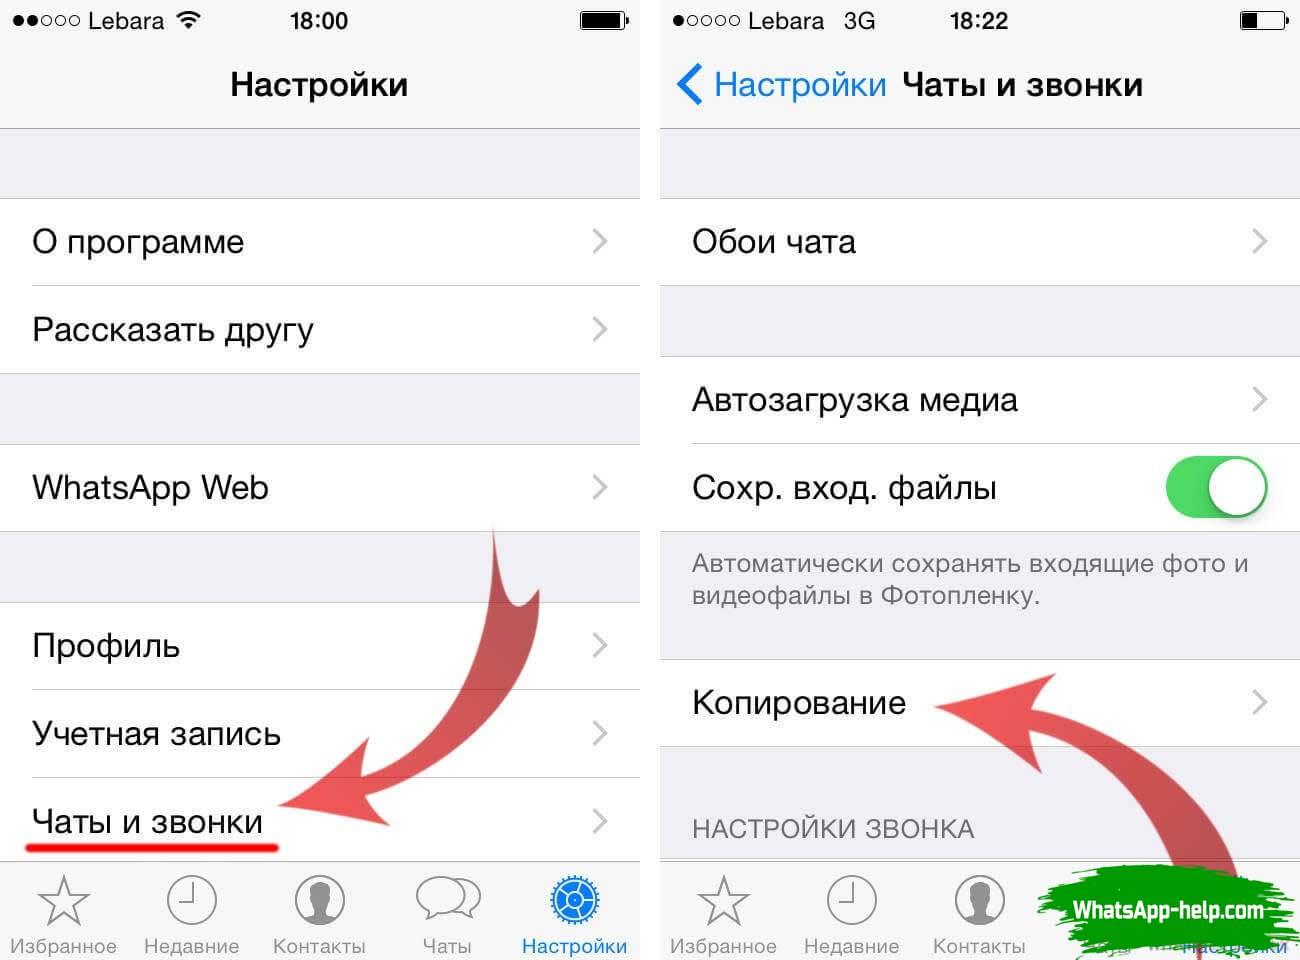 как восстановить в whatsapp историю сообщений